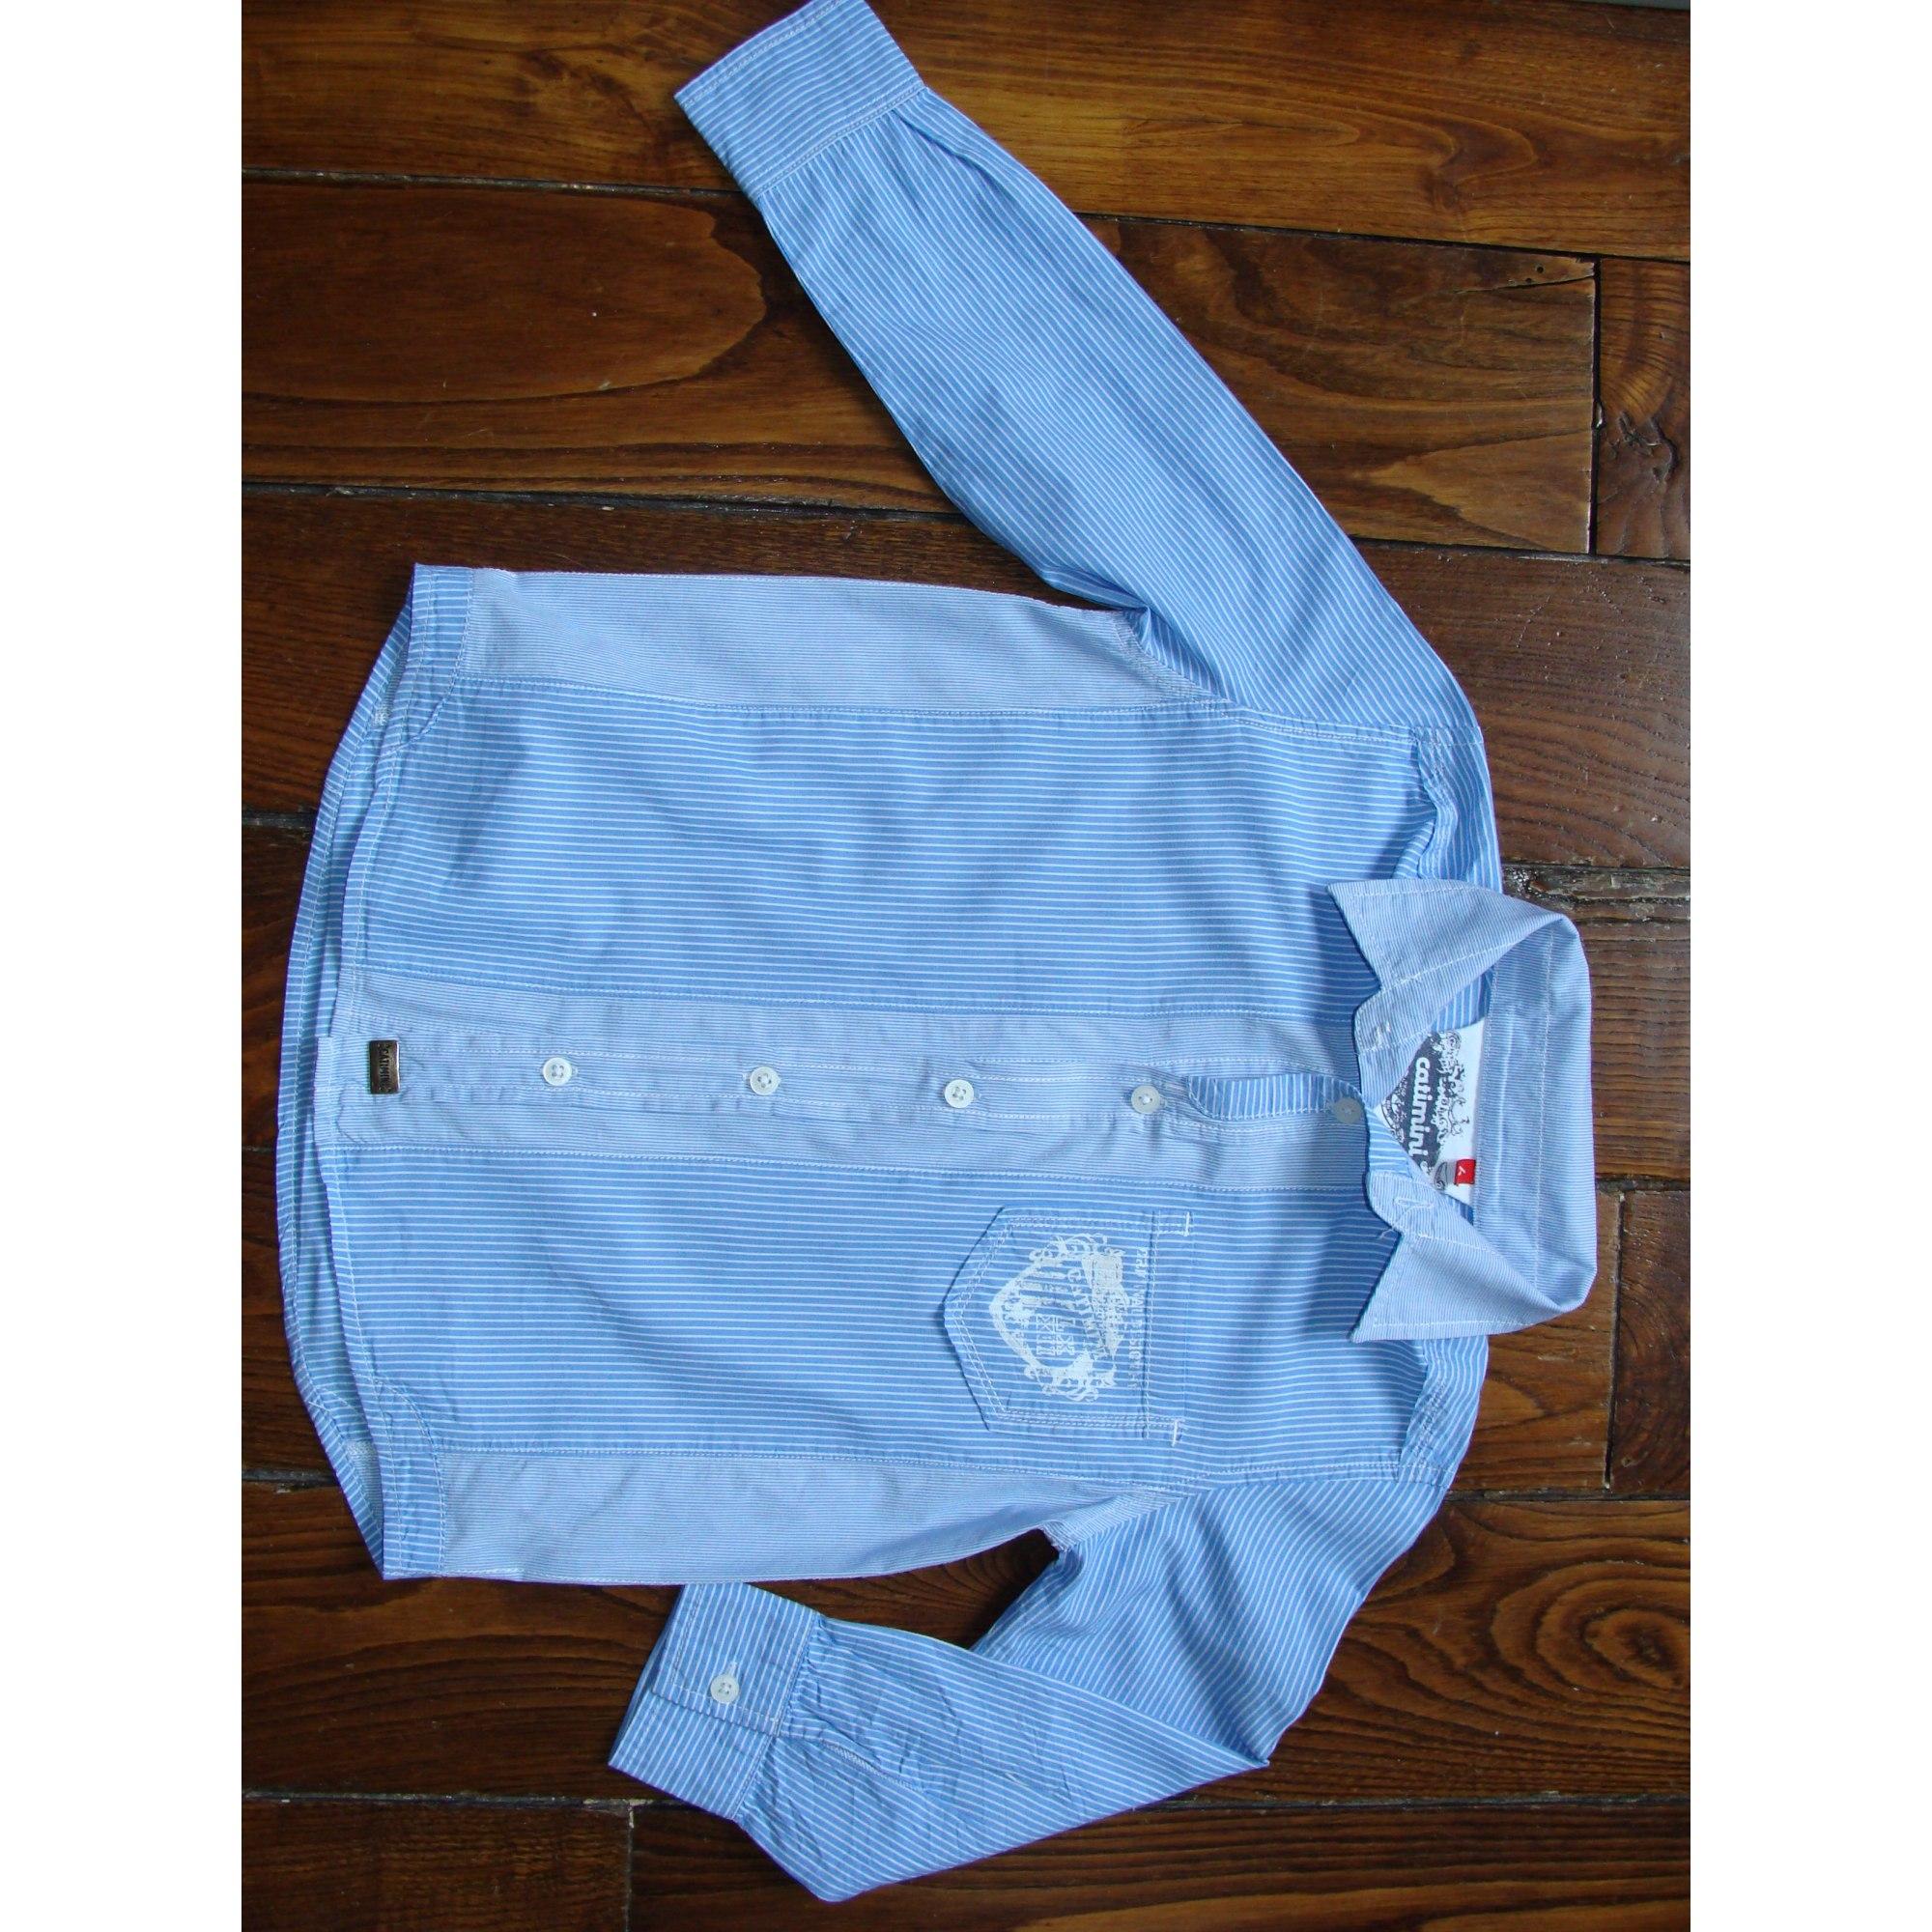 Chemise CATIMINI Bleu, bleu marine, bleu turquoise